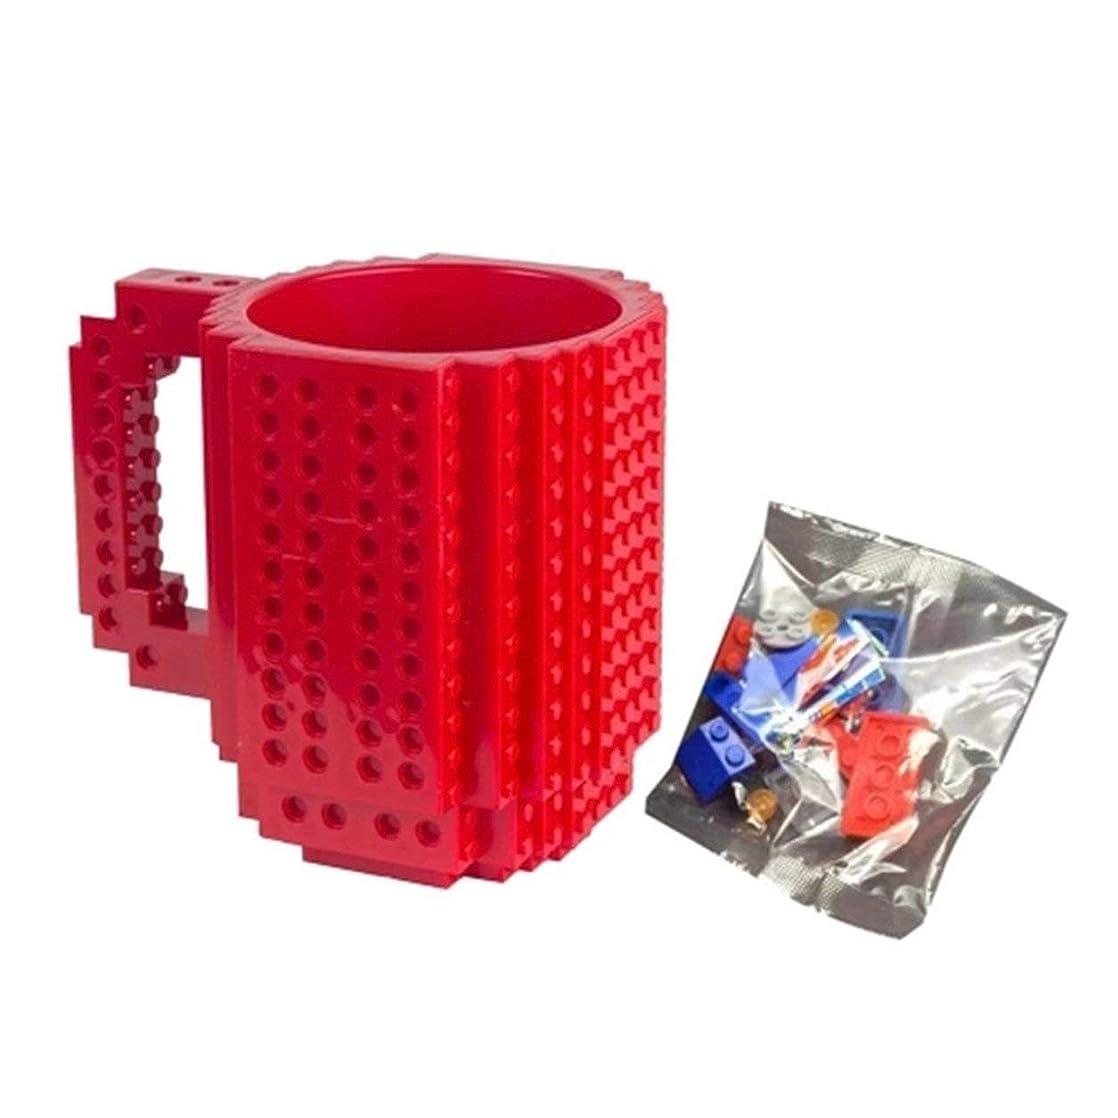 一掃する費やす探偵Saikogoods レンガマグカップDIY?ビルディング?ブロックのコーヒーカップを構築 赤